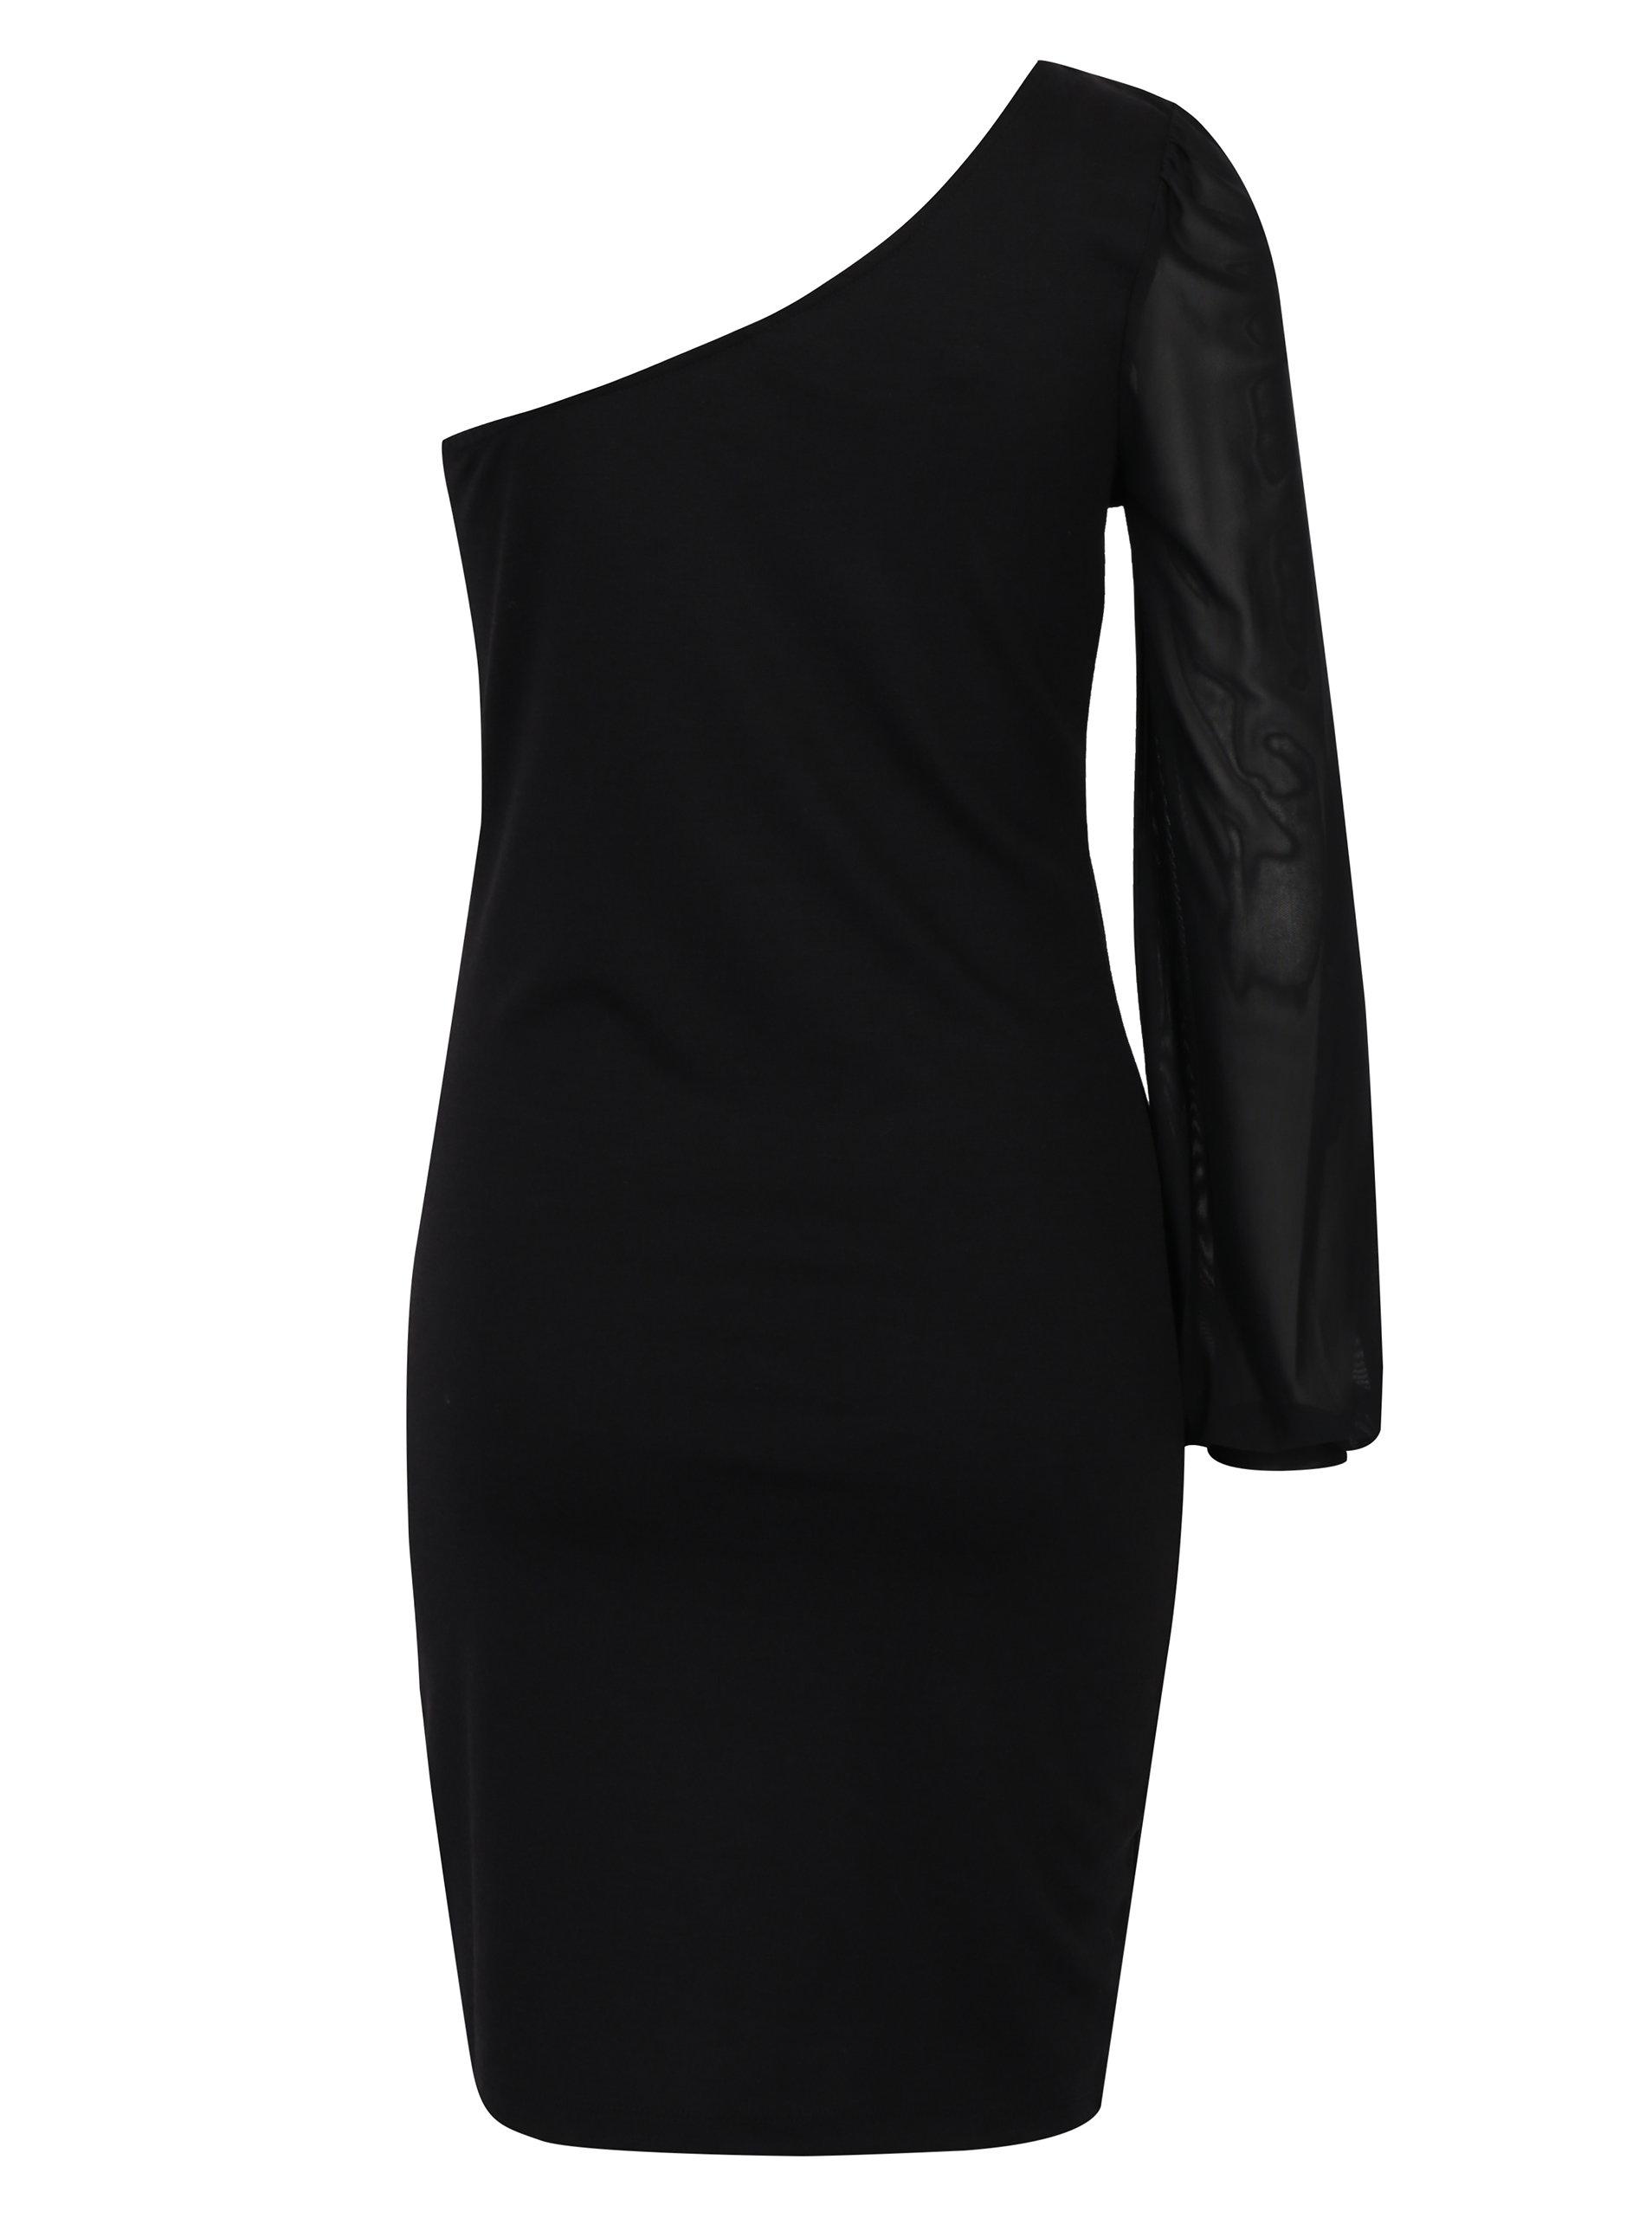 ffccbd76c2b1 Čierne asymetrické šaty s priesvitným rukávom ONLY Victoria ...